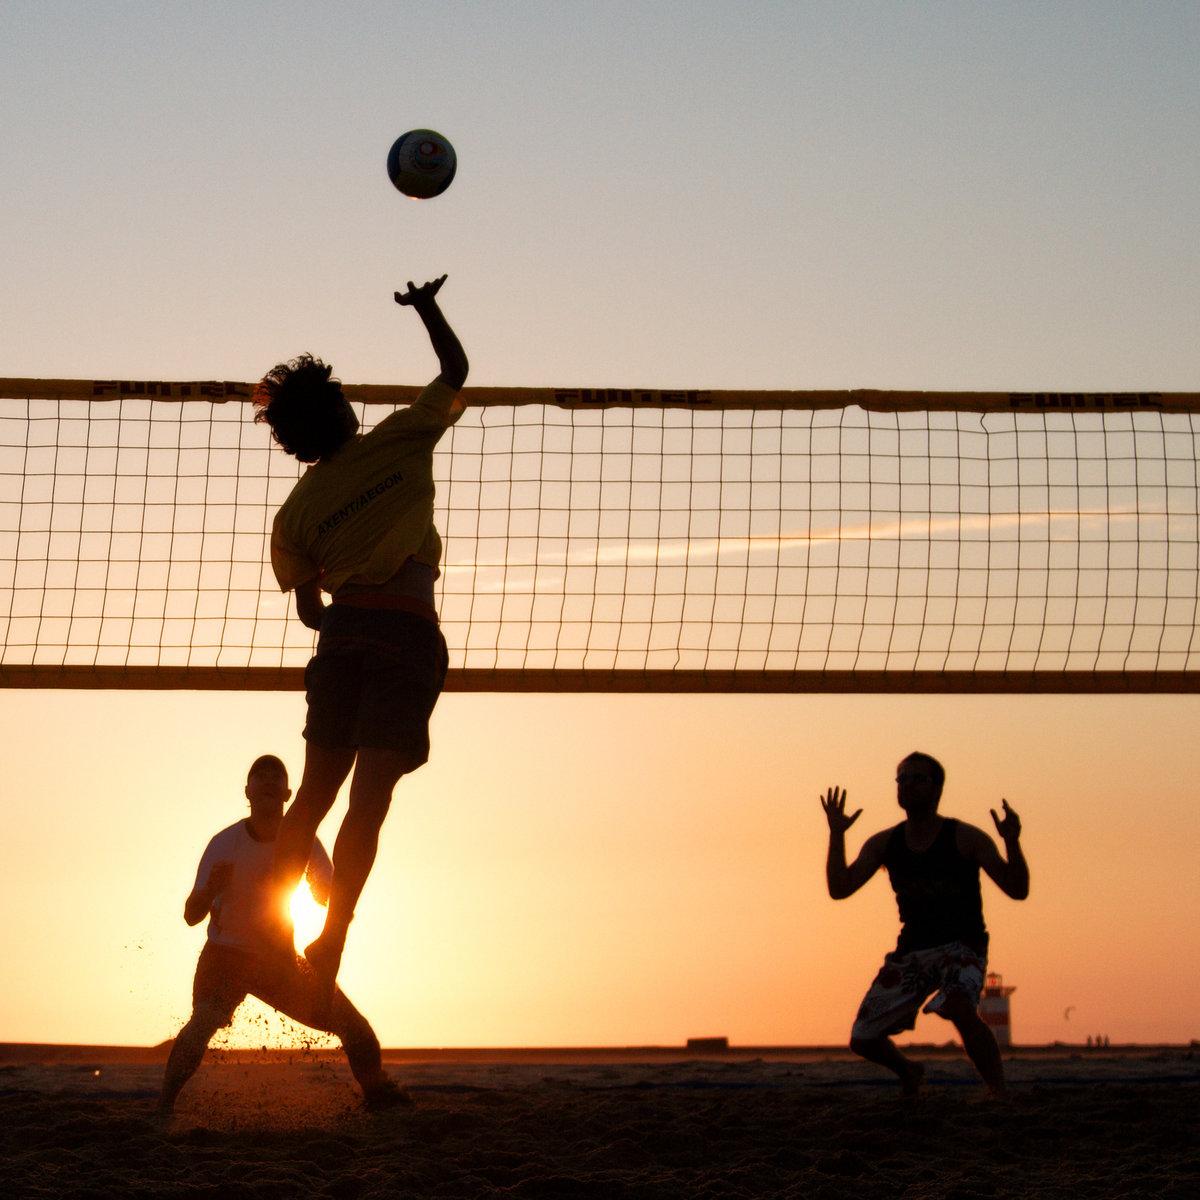 картинки волейбол пацанов тату девушки стиле